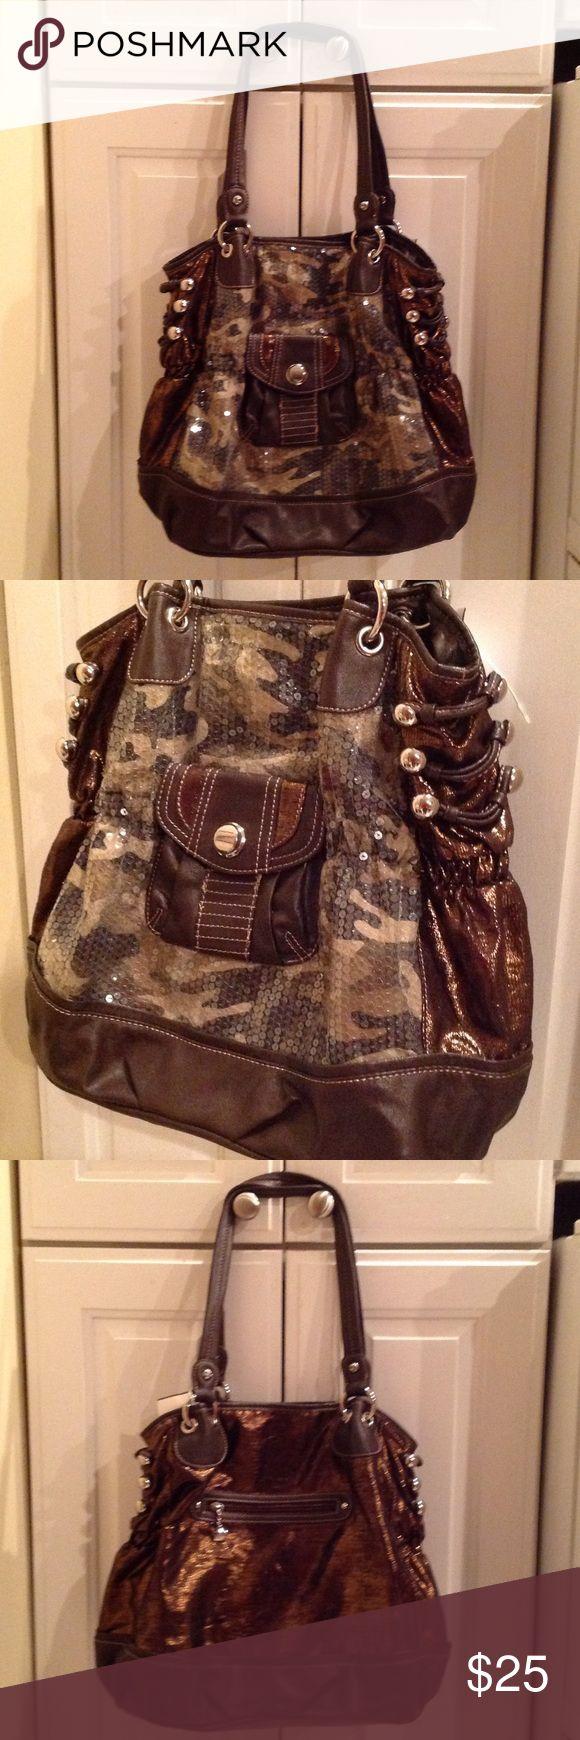 Kathy Van Zeeland  Shoulder Bag Very pretty bag for fall and winter. Gently used. Kathy Van Zeeland Bags Shoulder Bags